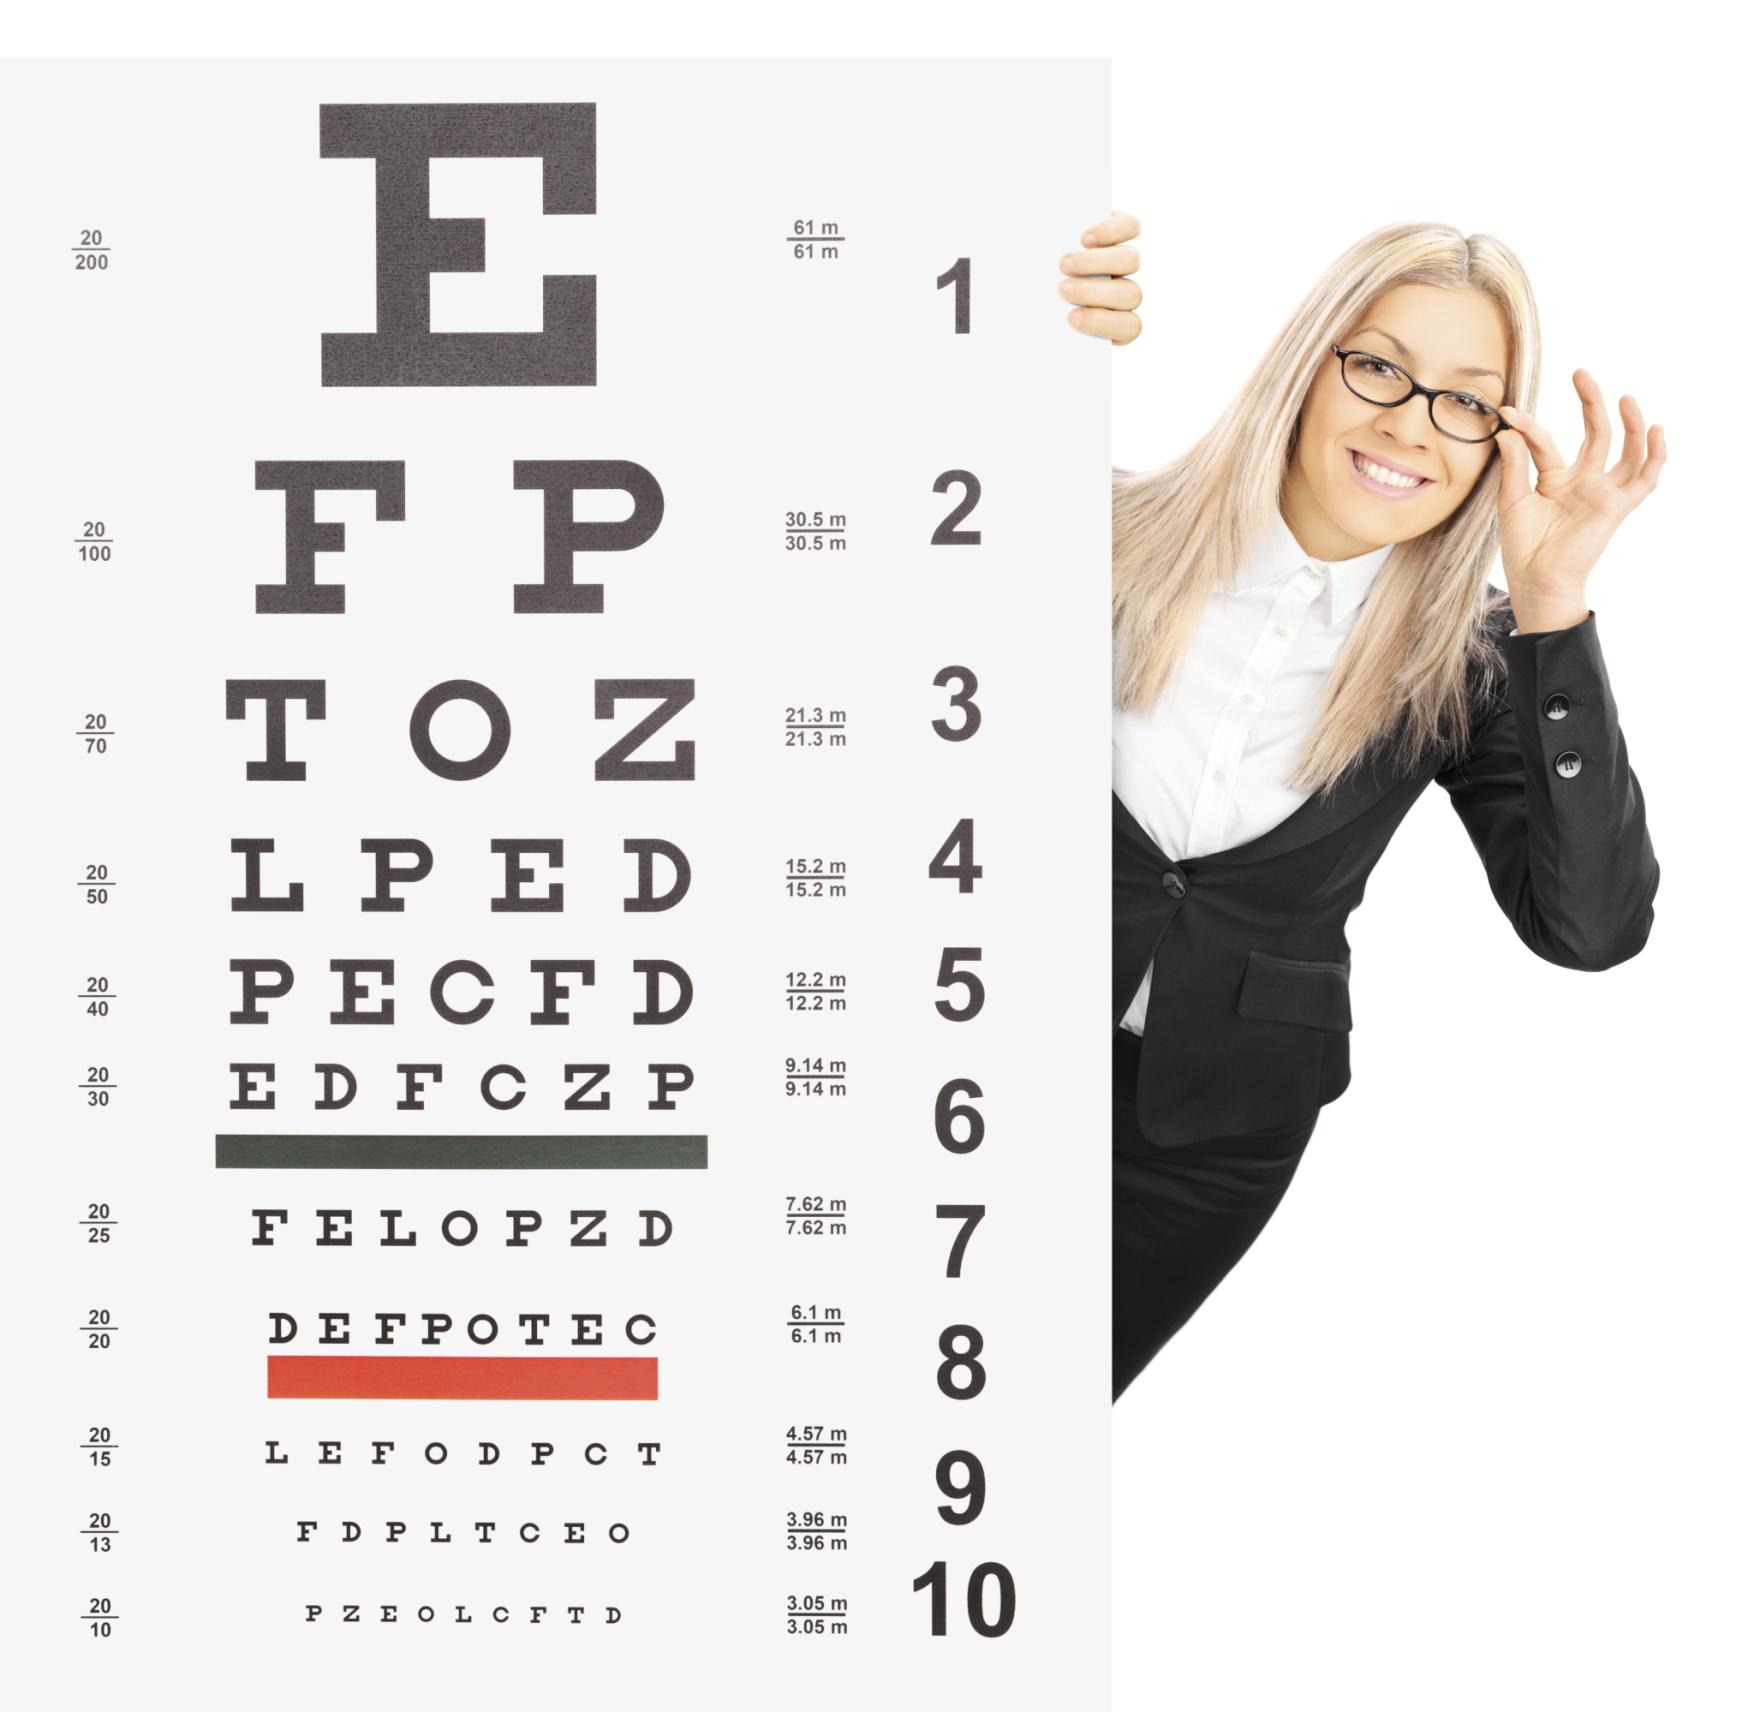 különböző táblázatok a látáshoz